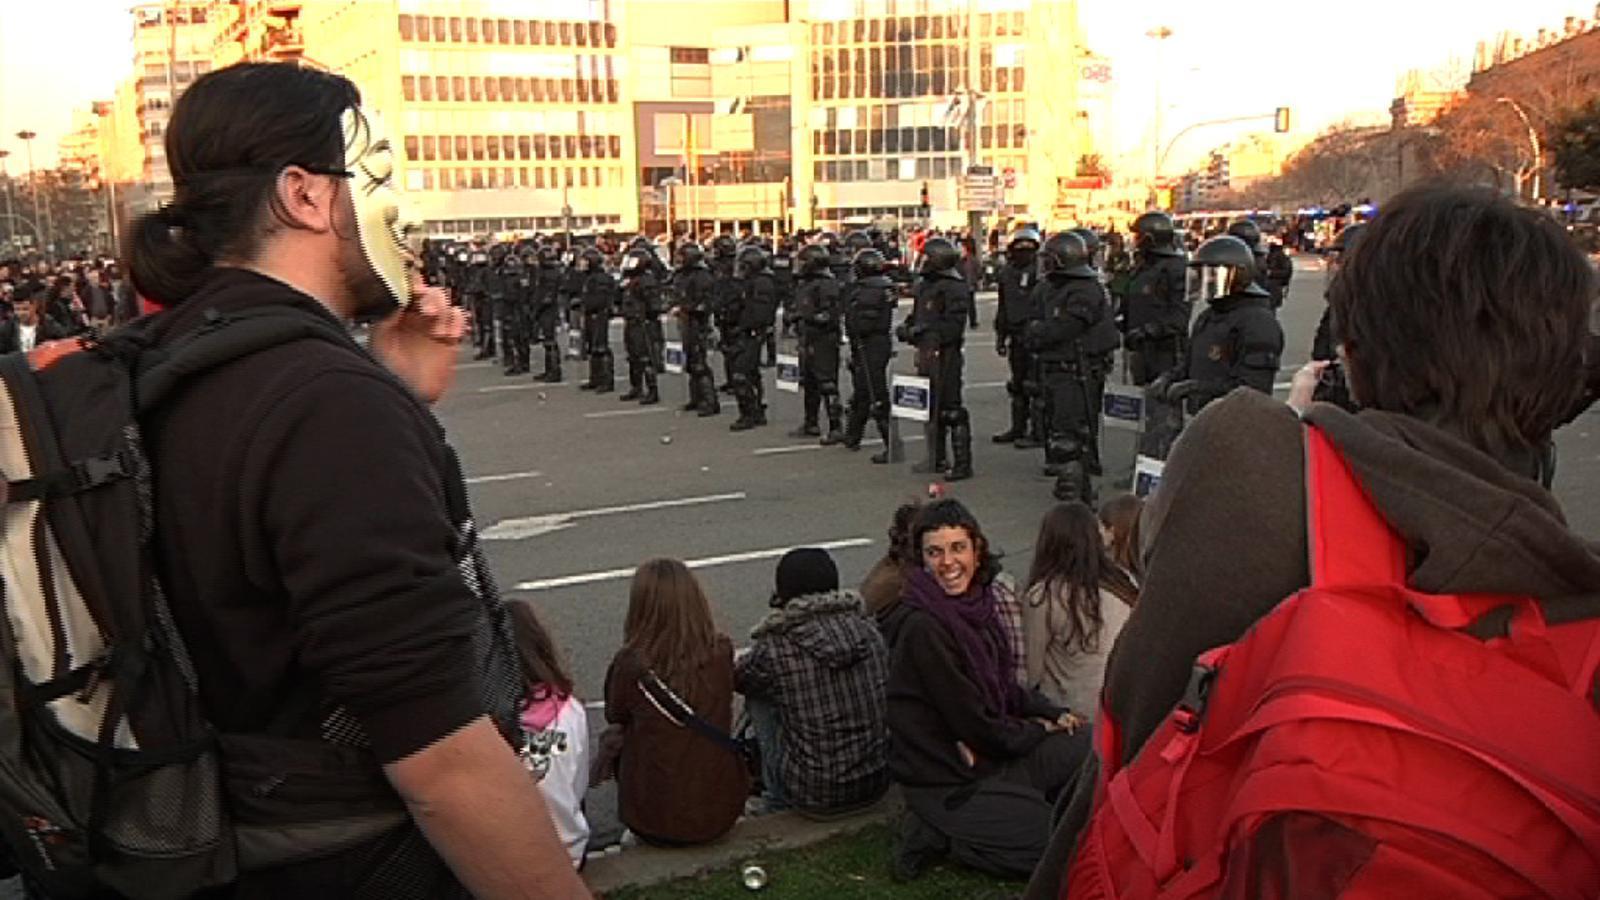 De la plaça Espanya a la comissaria de les Corts, un 29-F de mobilitzacions a Barcelona